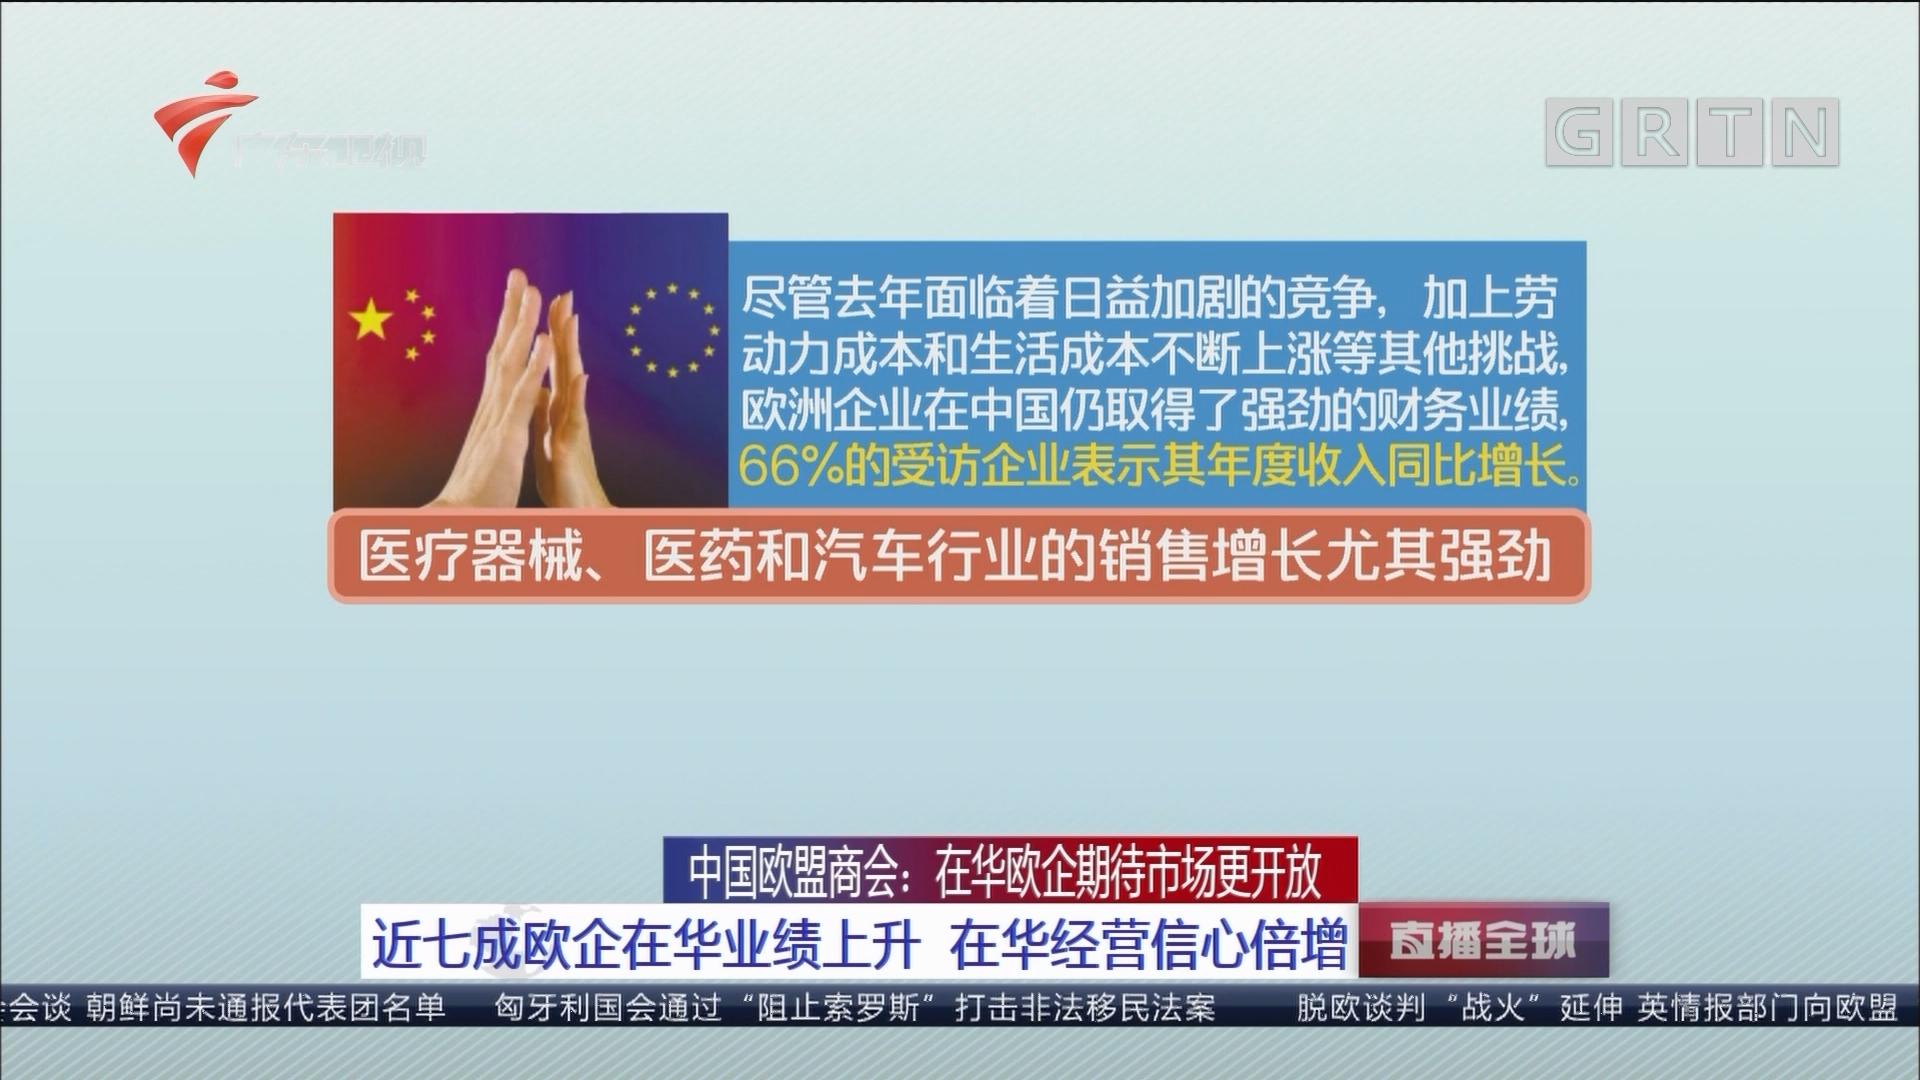 中国欧盟商会:在华欧企期待市场更开放 近七成欧企在华业绩上升 在华经营信心倍增